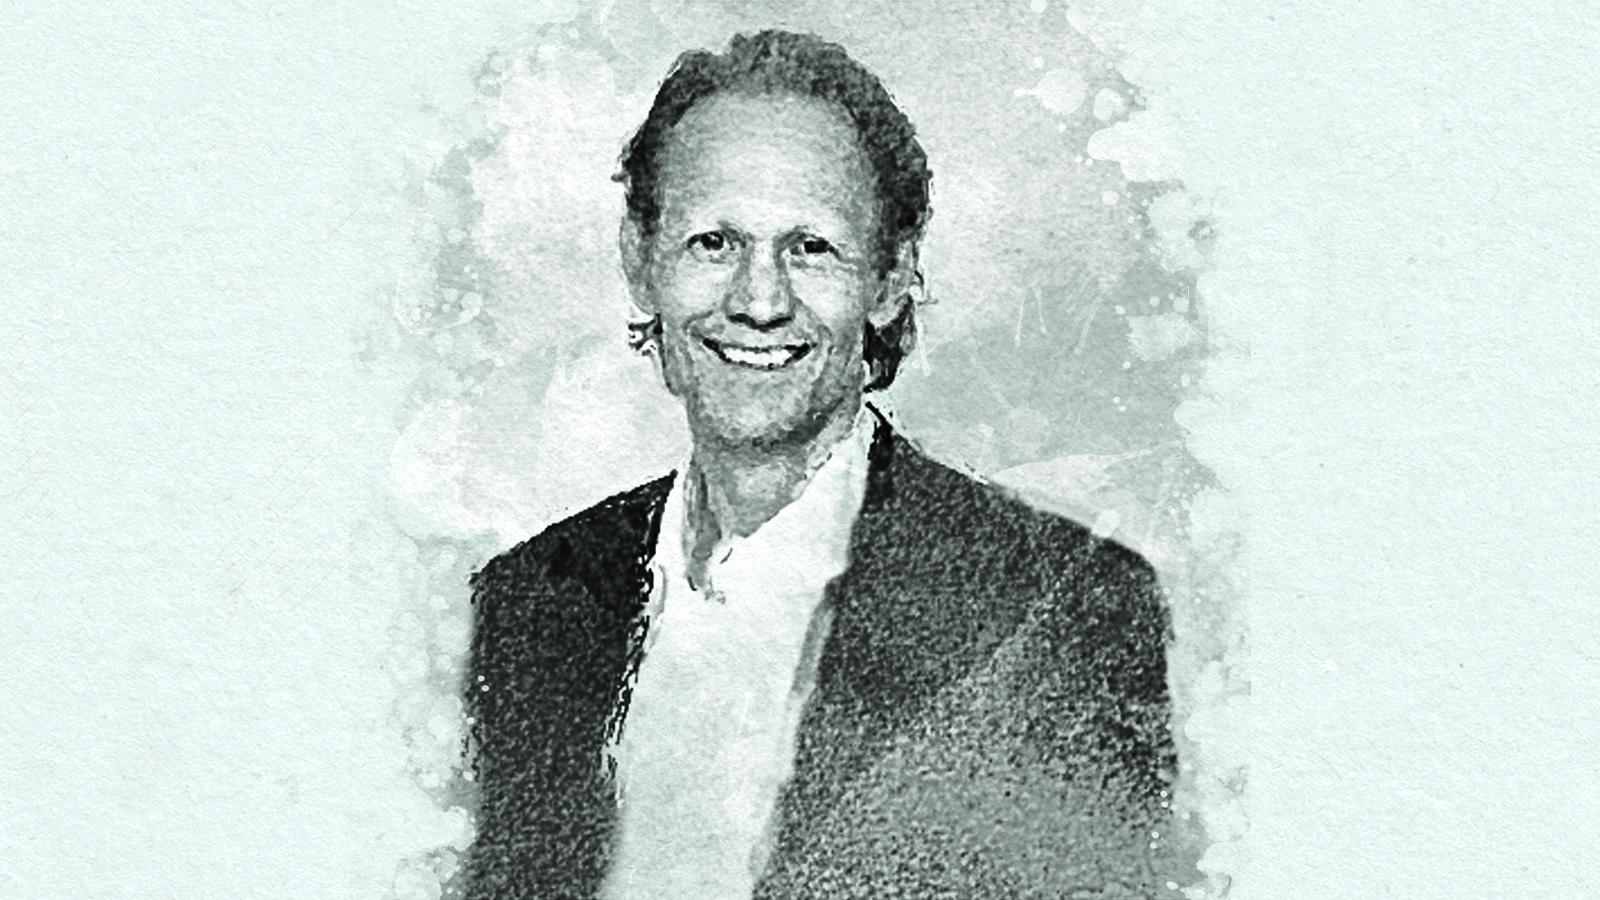 GREGORY BAILEY